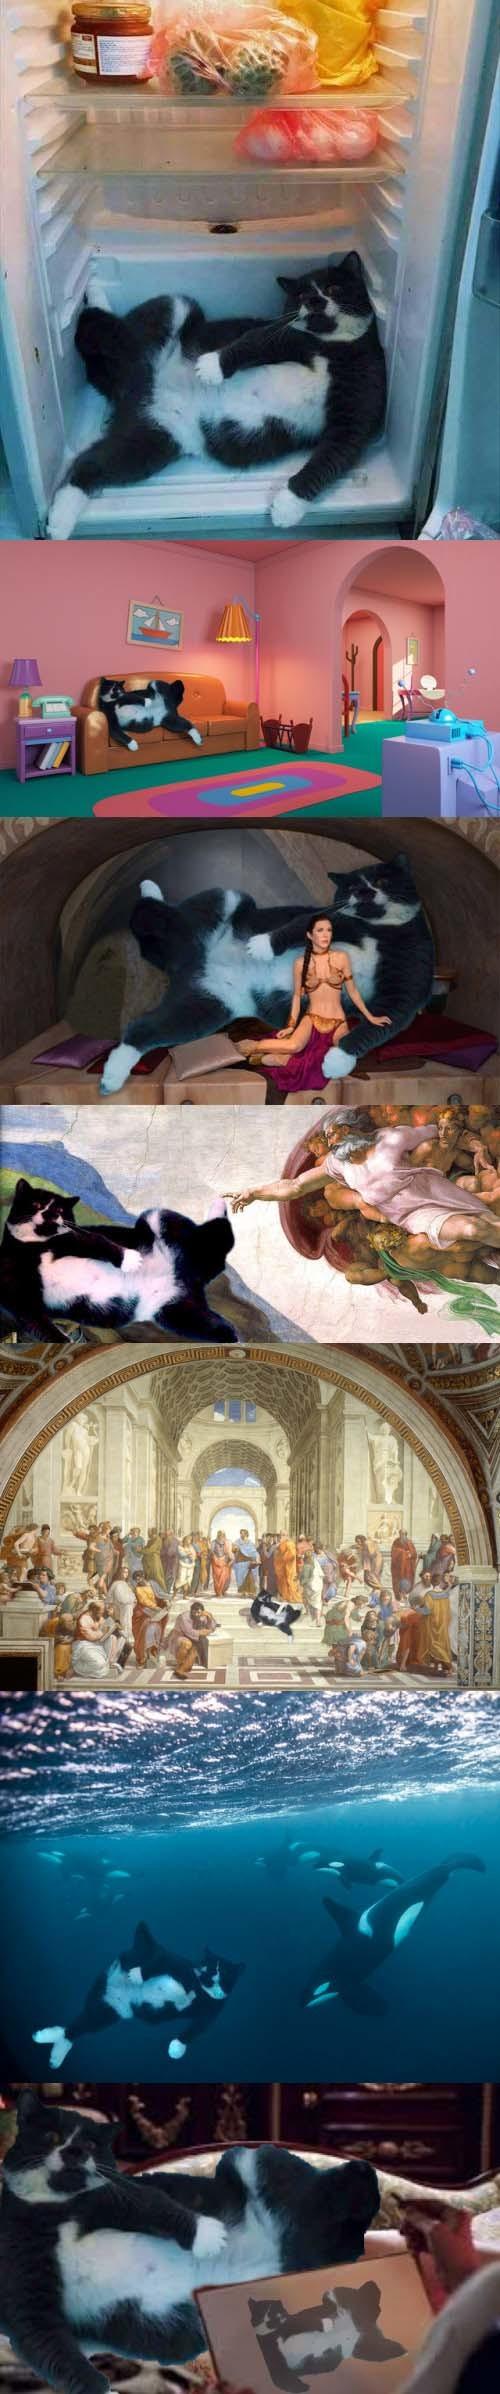 Meme_otros - Pillan a este gato a la fresca en la nevera y llena internet de montajes